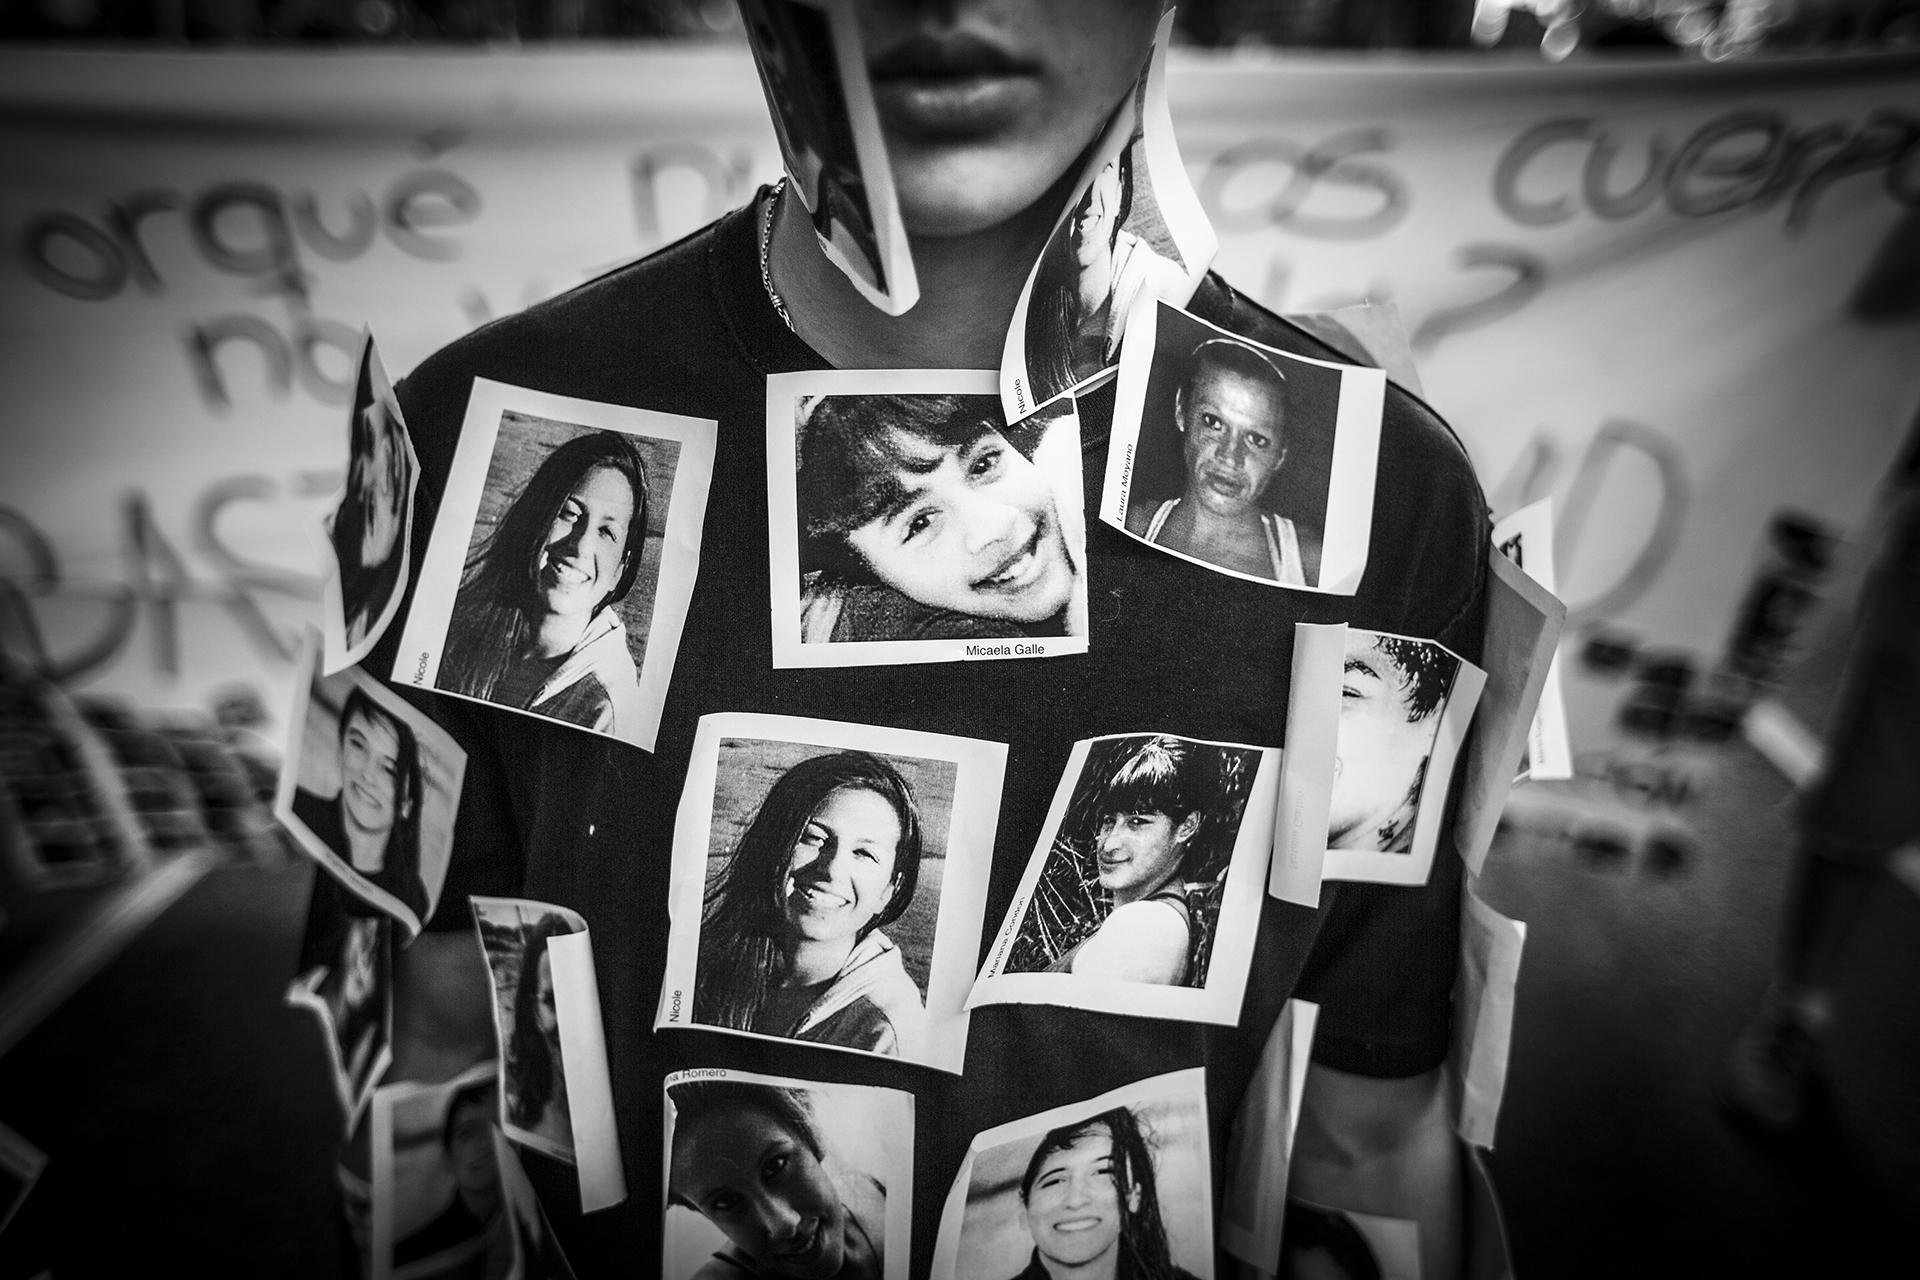 """Un joven realiza una perfomance con fotos de víctimas de violencia de género, durante la marcha """"Ni una menos"""" desde el Congreso Nacional a la Plaza de Mayo (Martín Zabala)"""